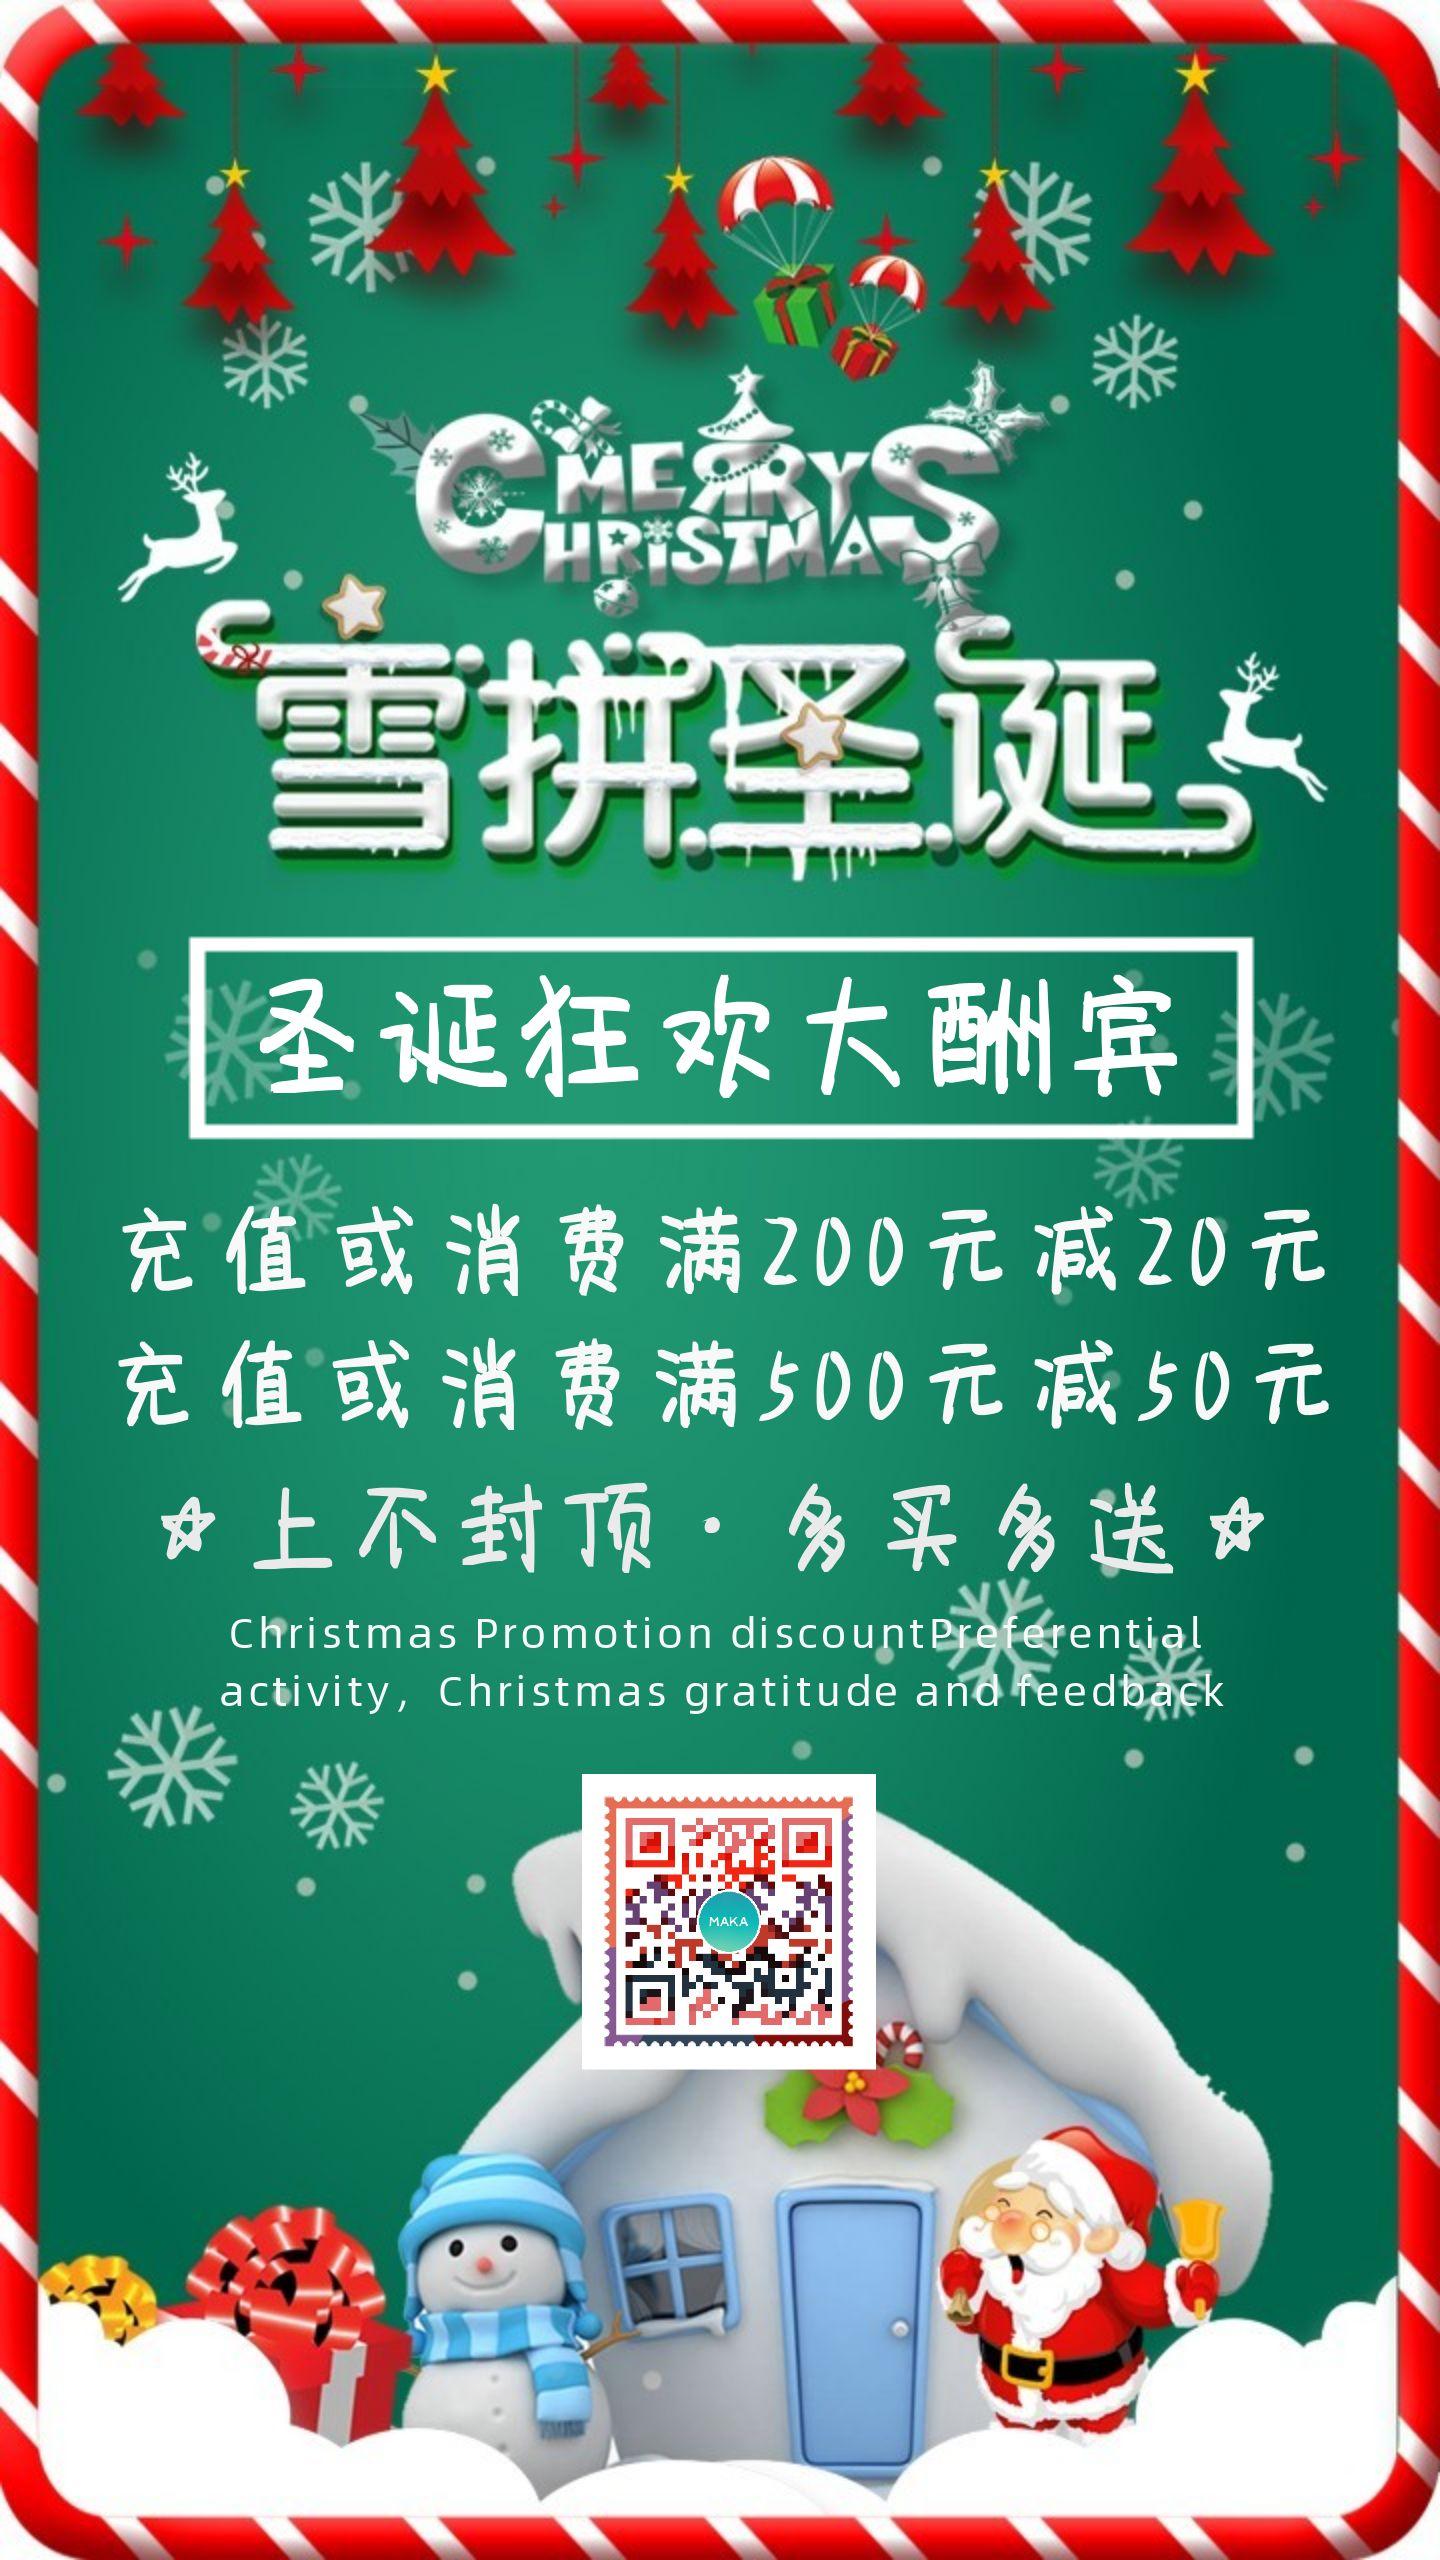 圣诞节优惠促销活动海报